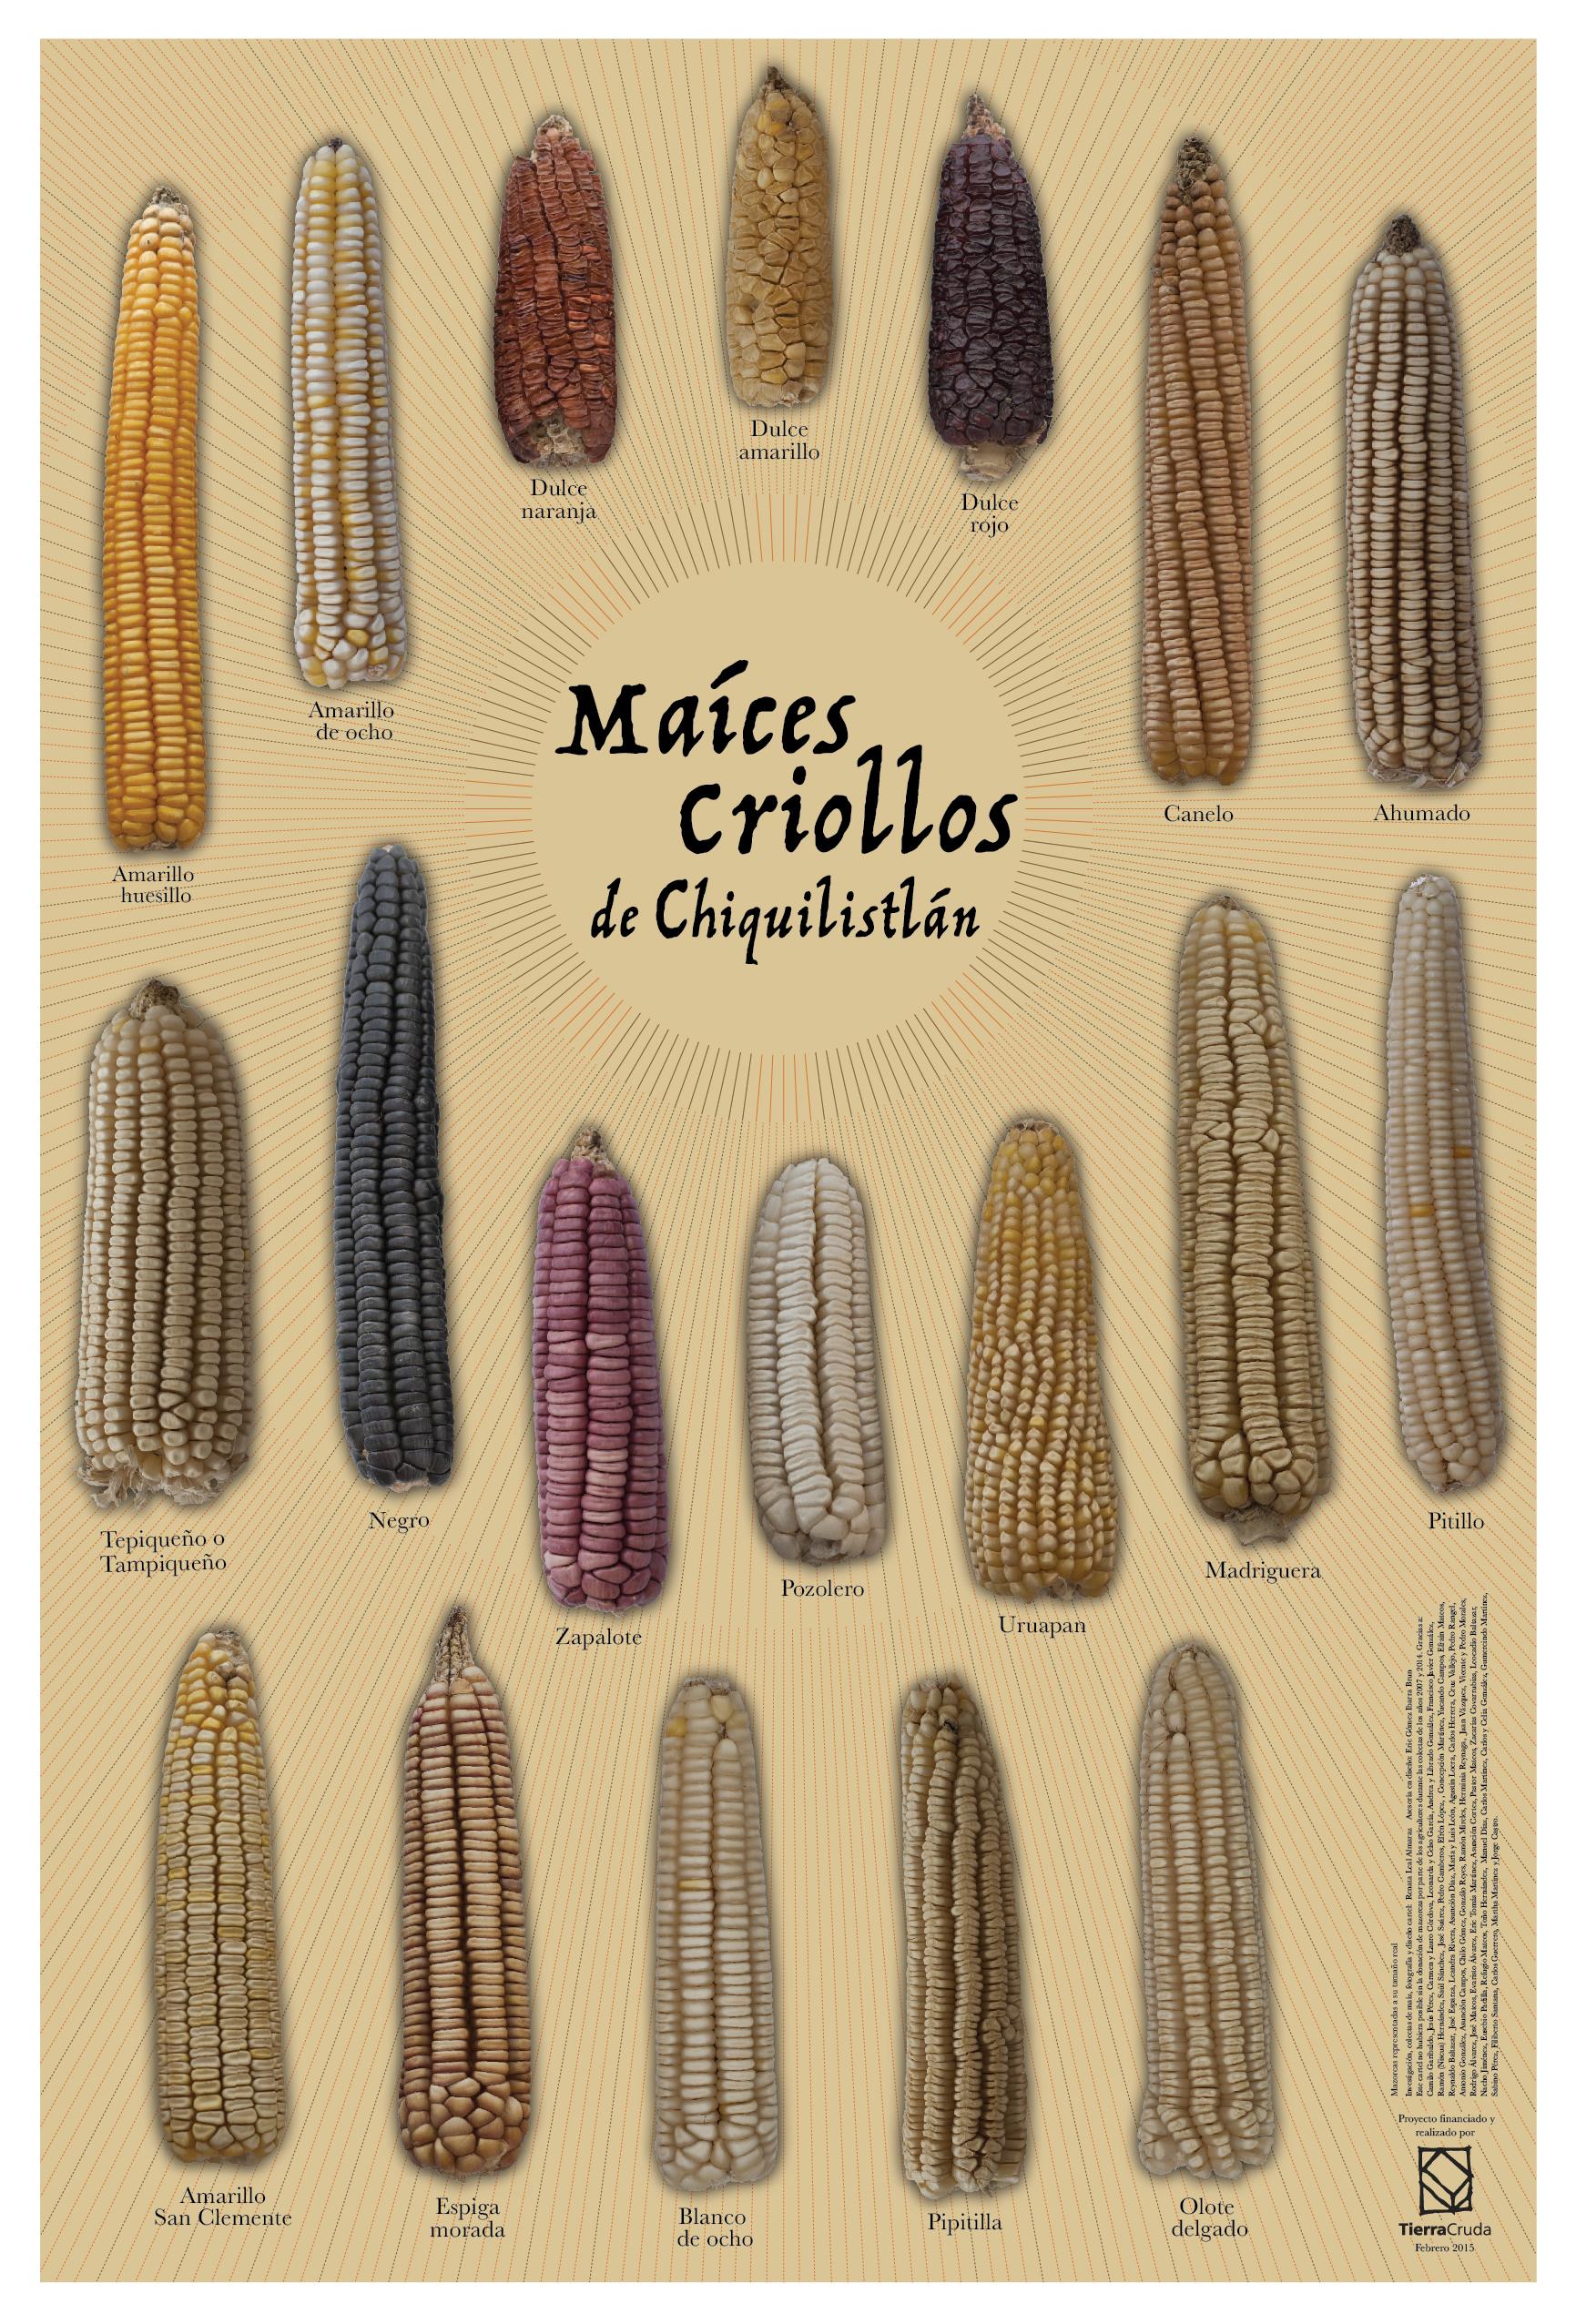 Cartel para promover la diversidad de maíz nativo entre los pobladores de Chiquilistlán, una manera de hacer un pequeño homenaje a sus sembradores. Colecta, fotografía y diseño de cartel: Renata Leal Almaraz.